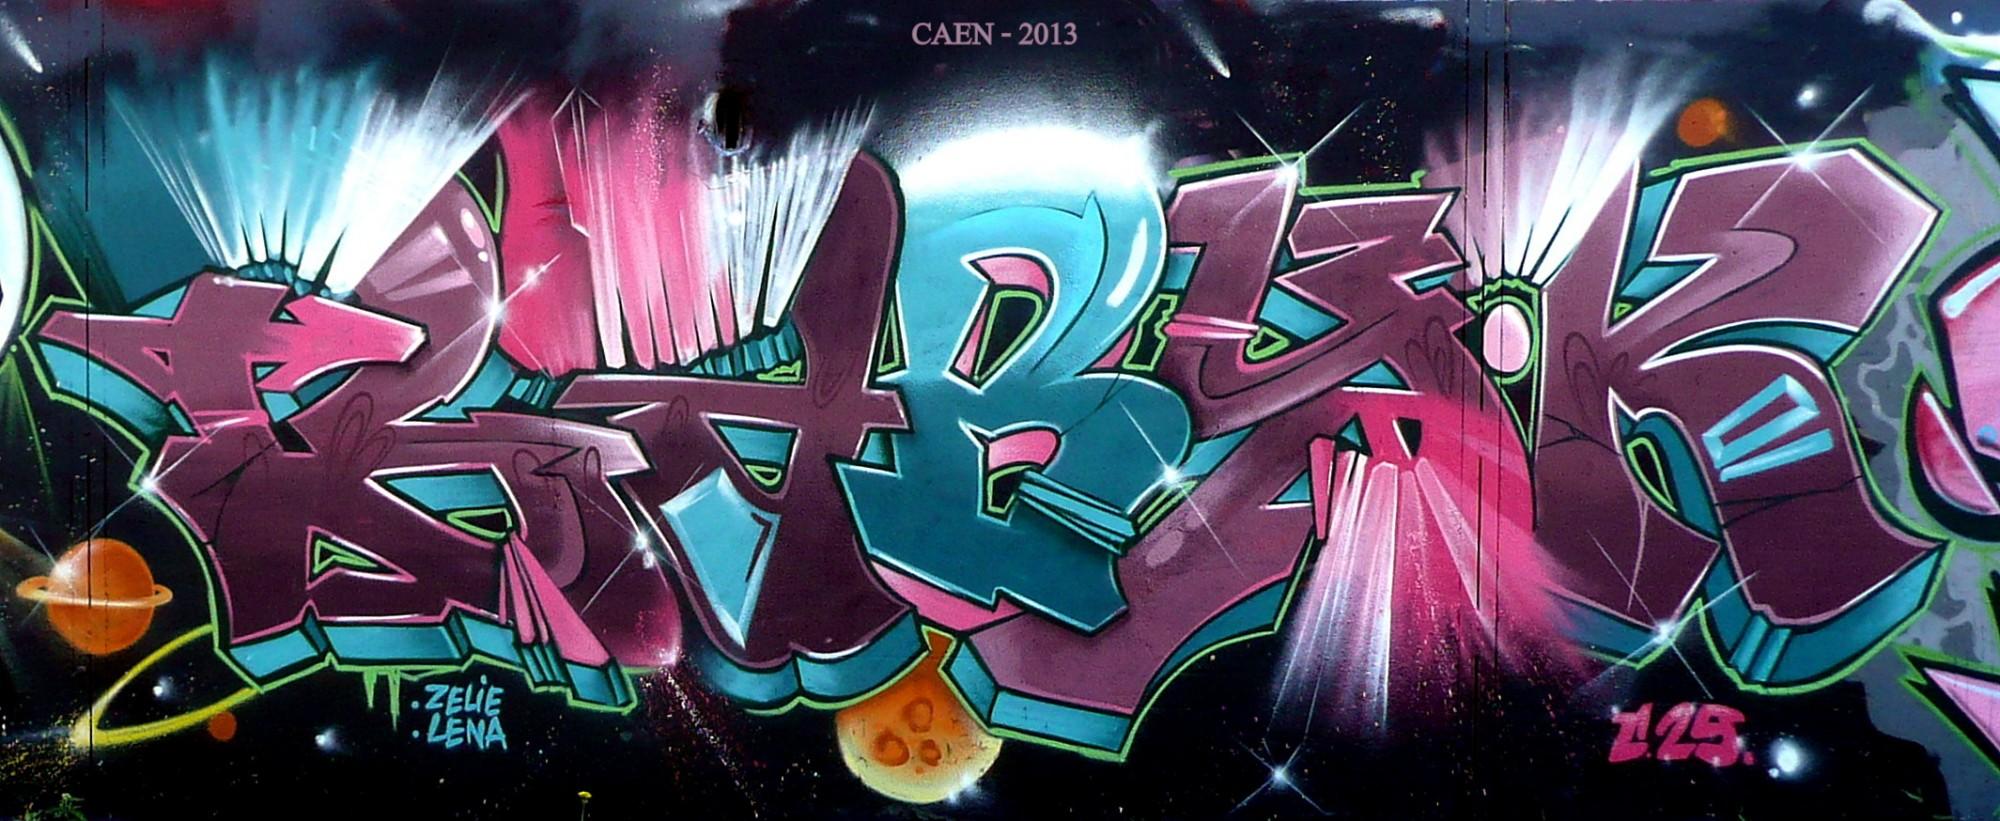 Caen 2013